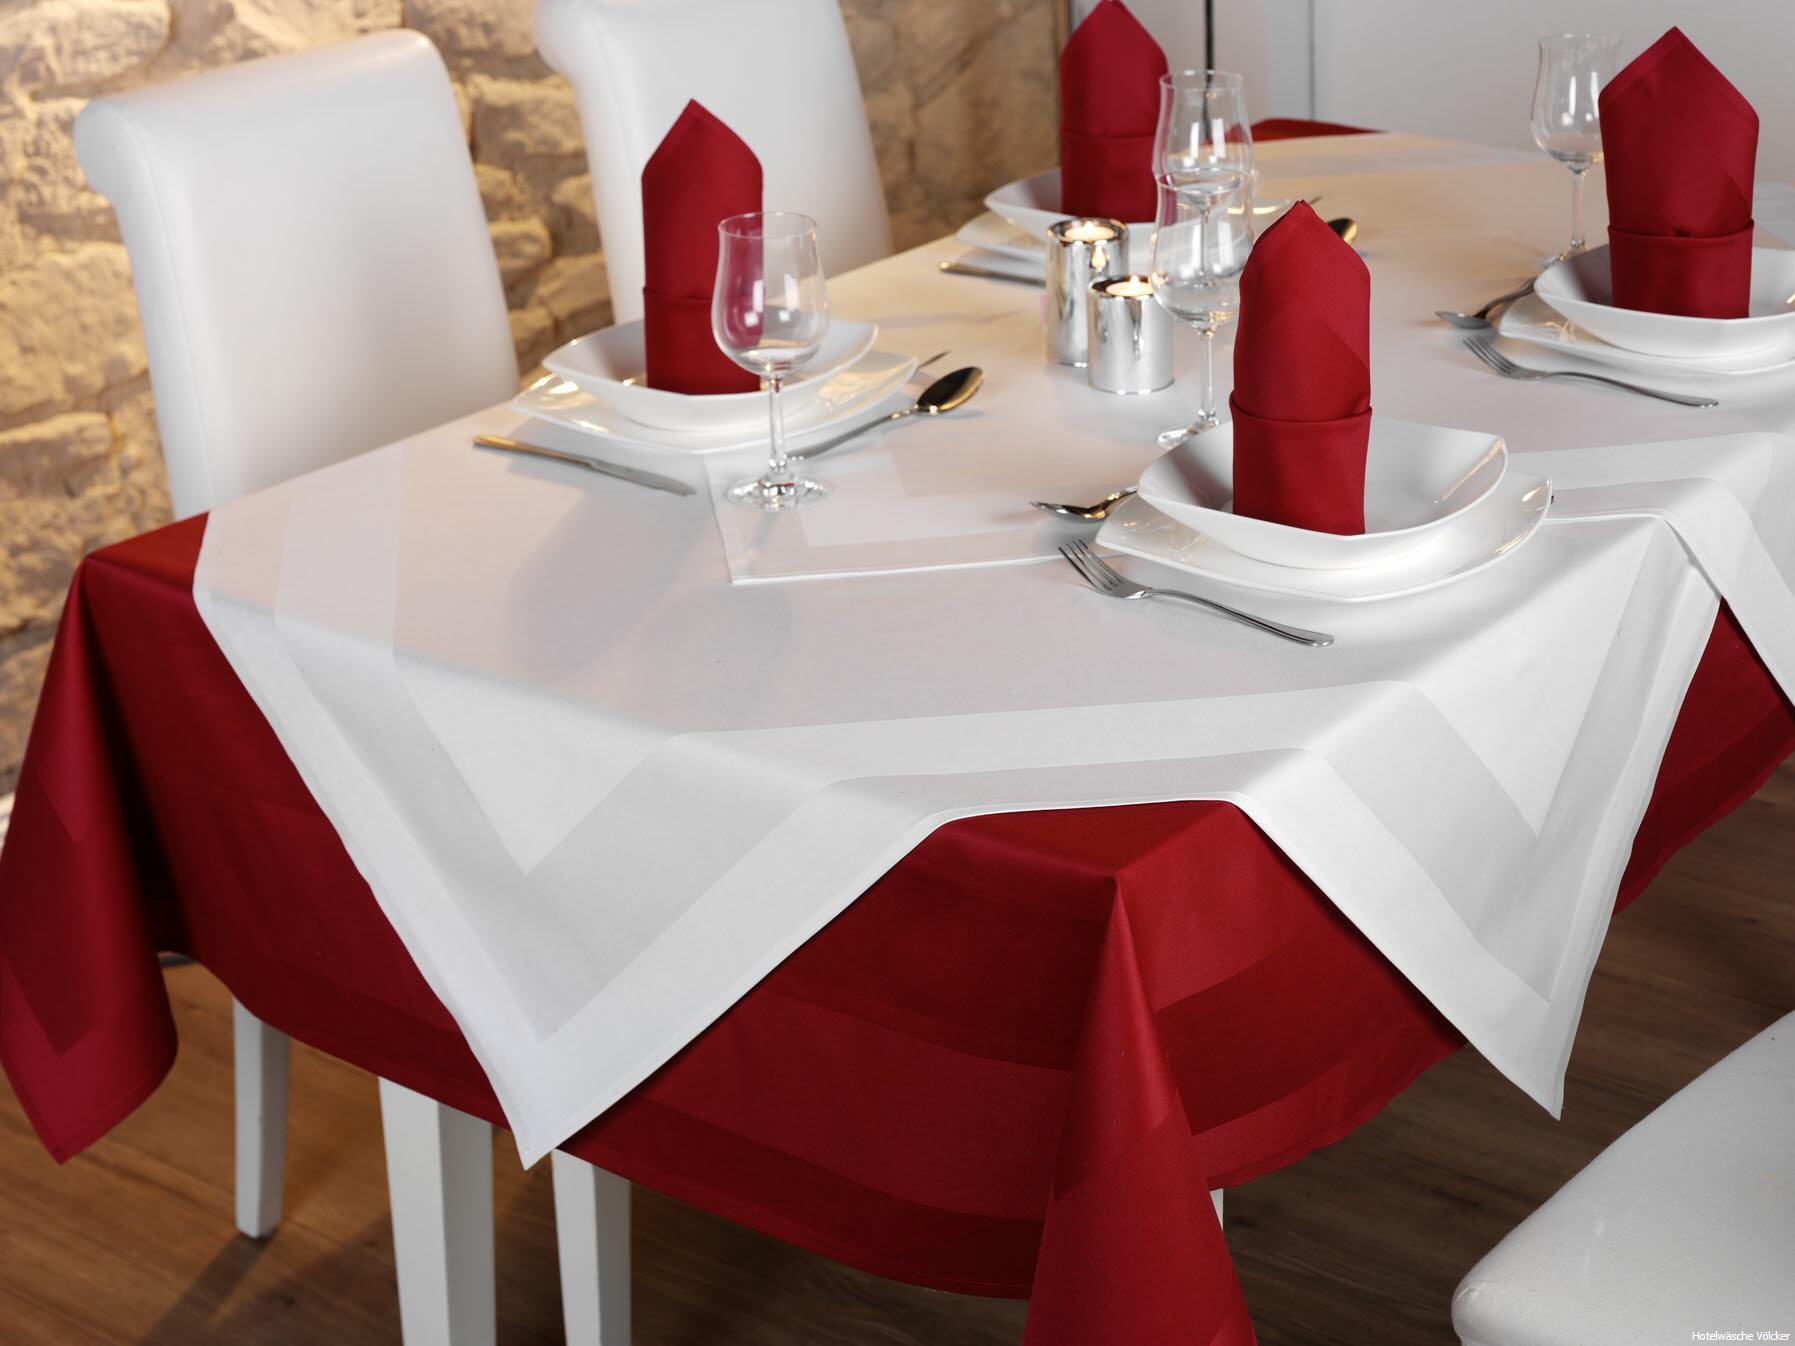 Tisch Decken Pic : Tischdecken bordeaux Übersicht der lieferbaren